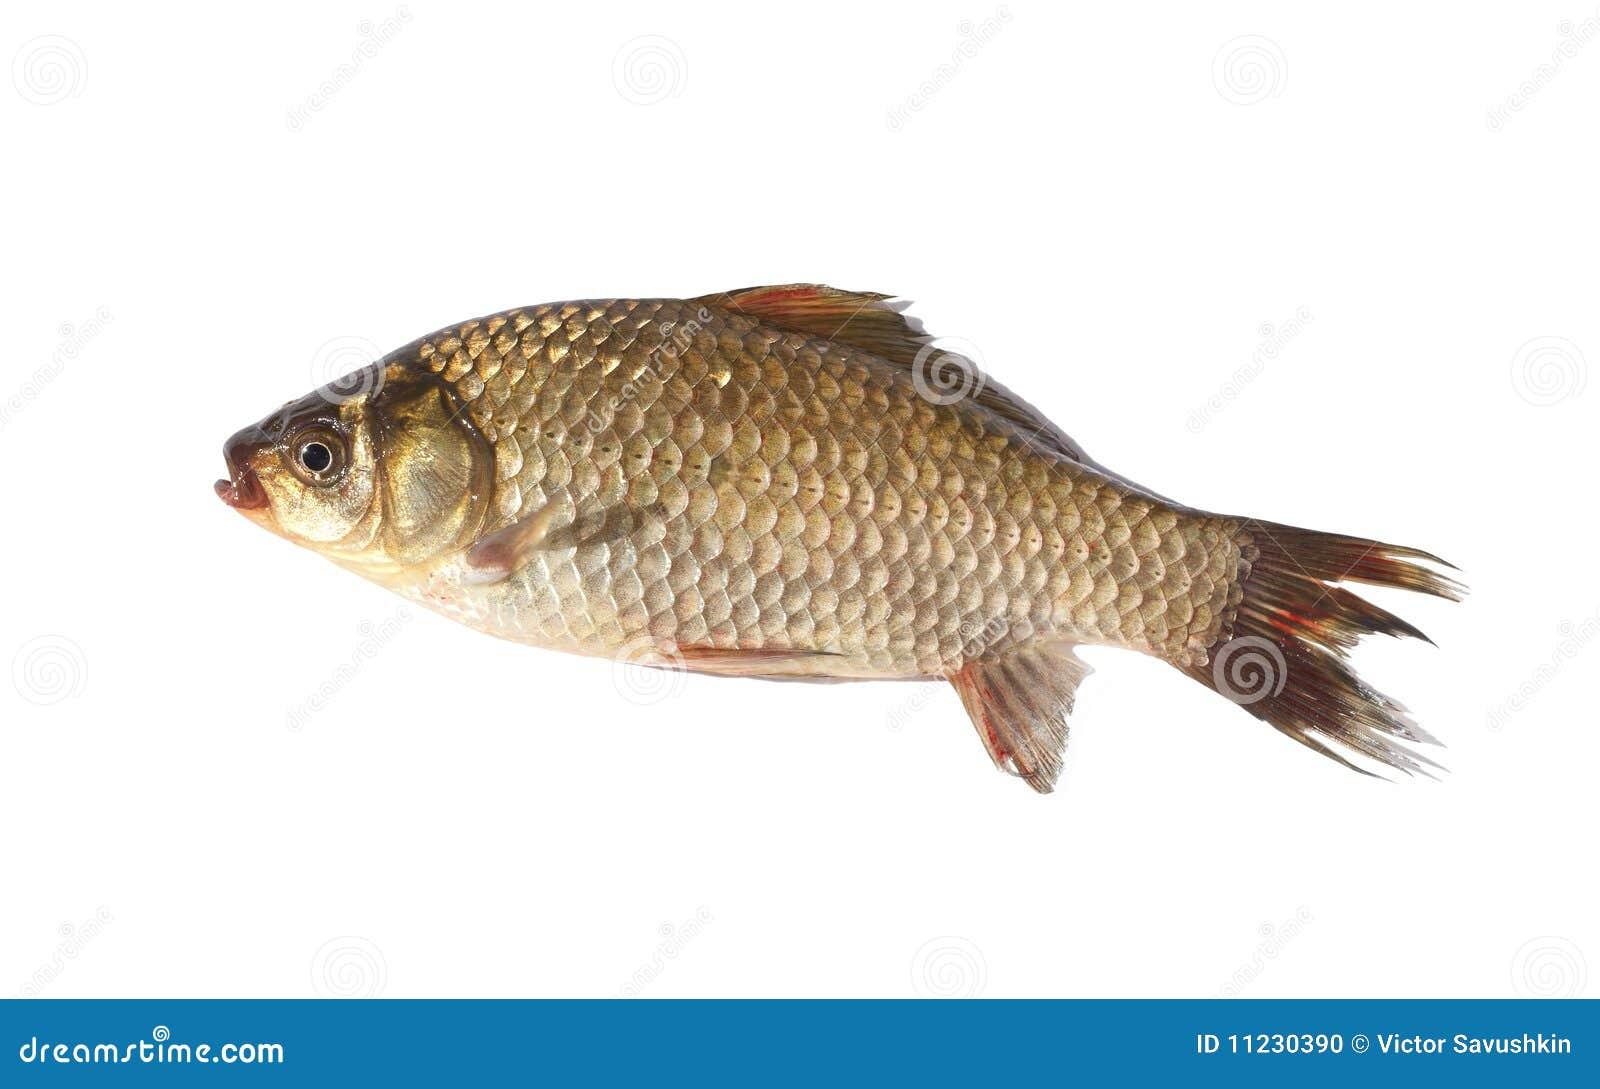 Crucian carp fish on white background stock photo image for White amur fish